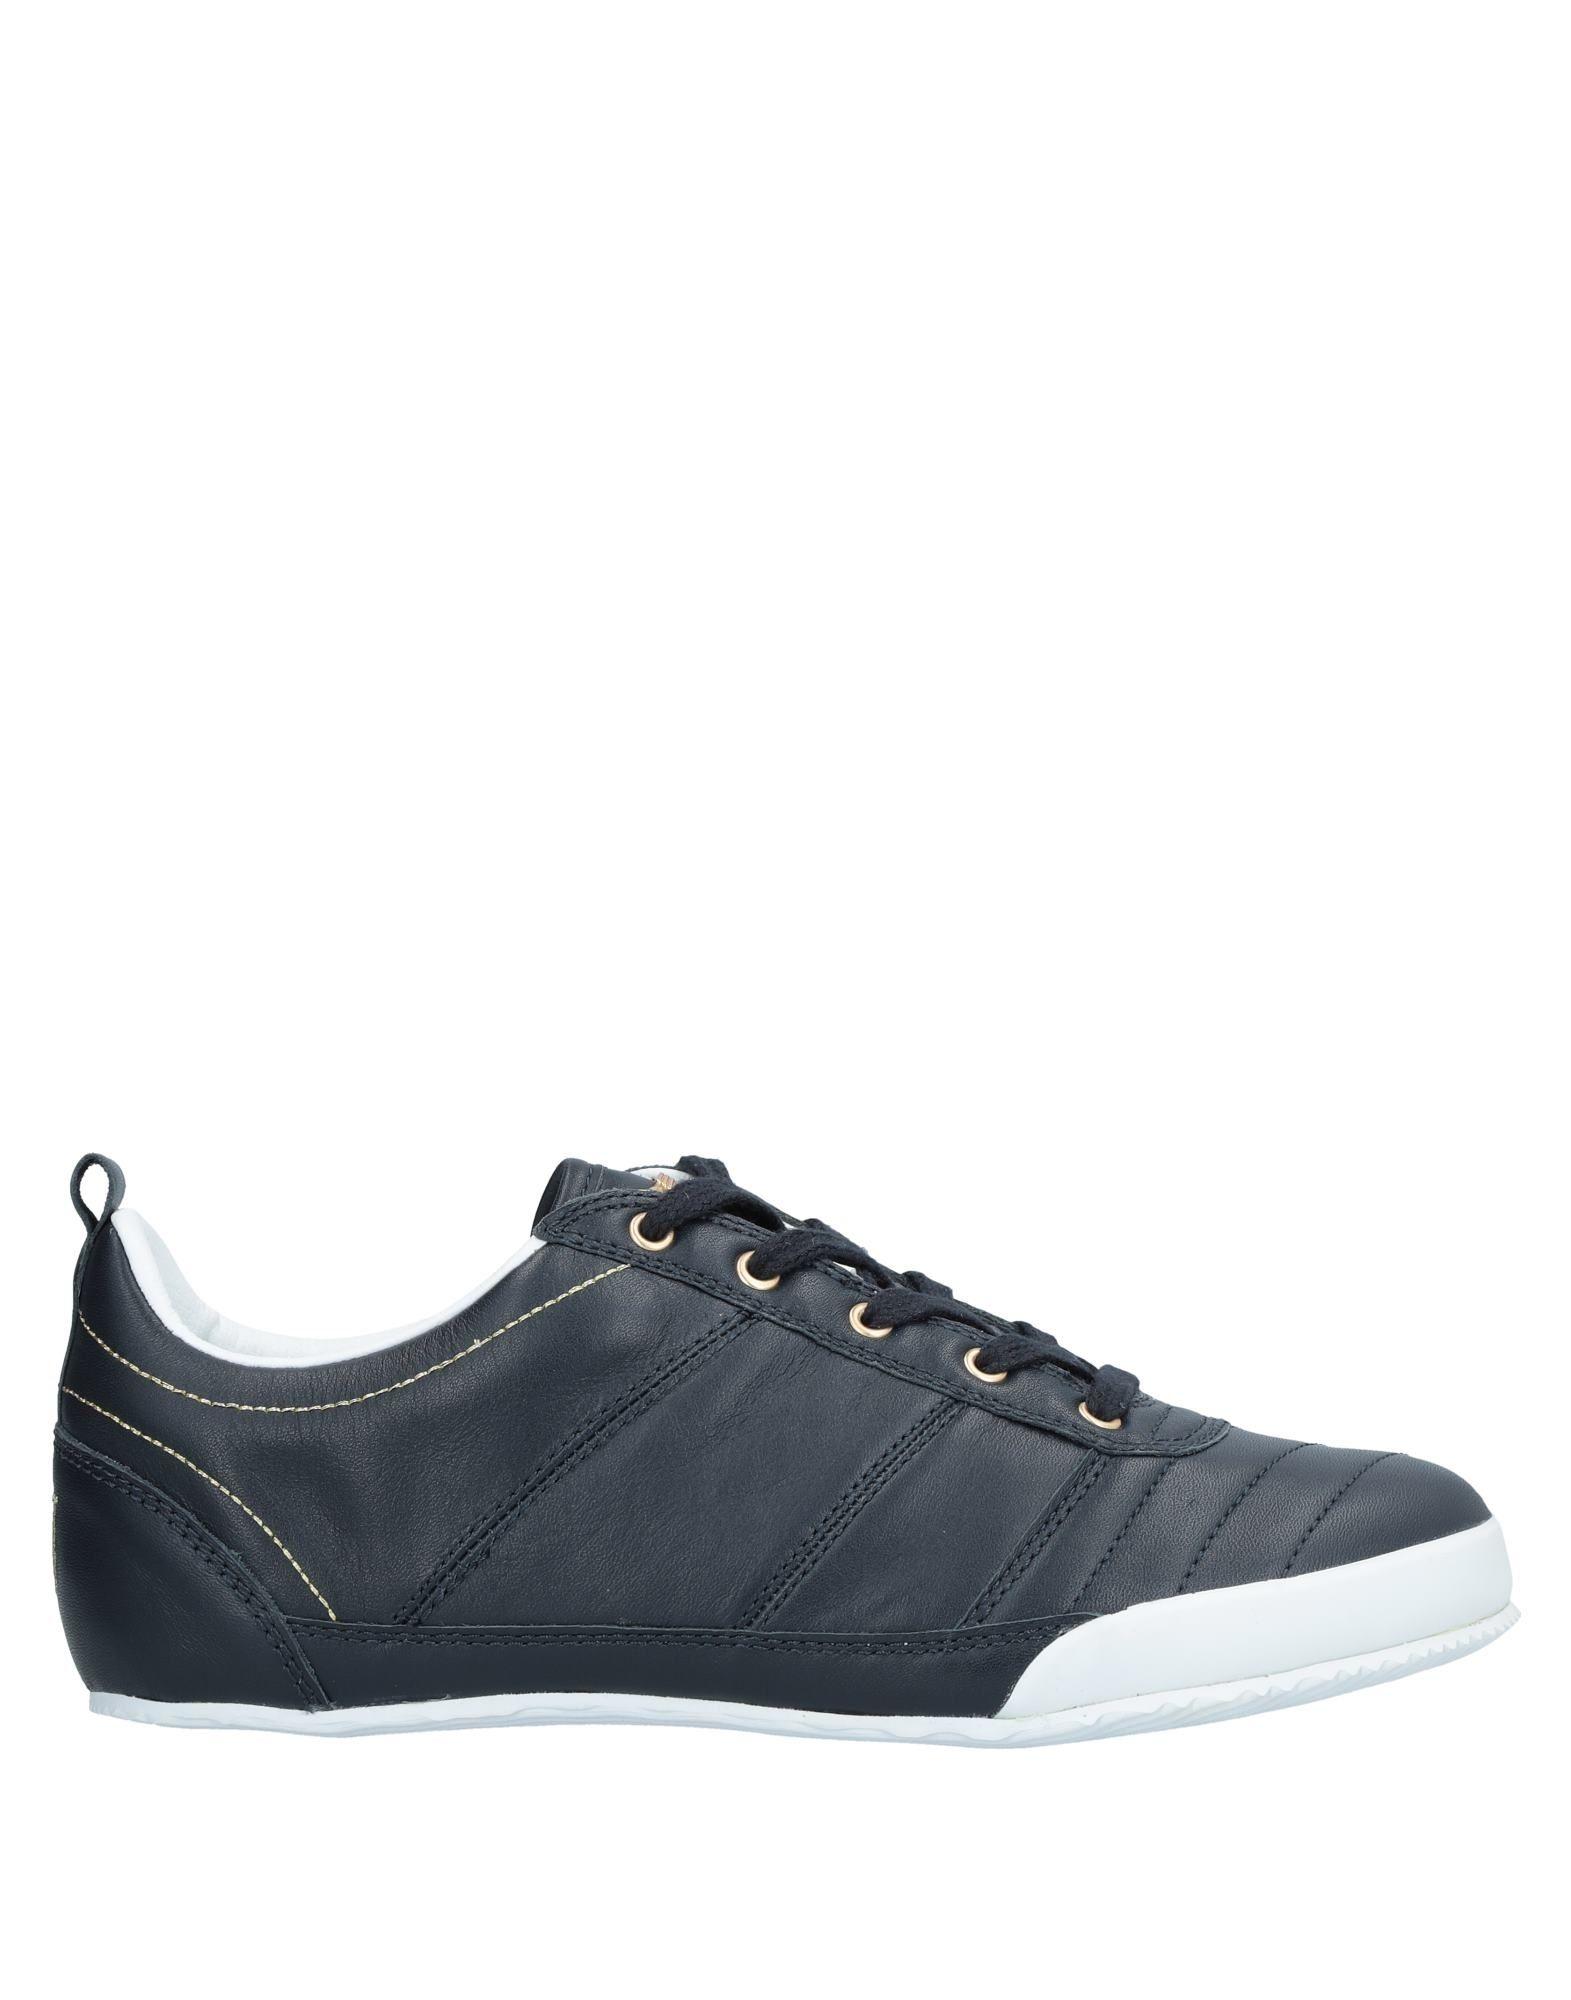 Cómodo y bien parecido Zapatillas Armani Jeans - Mujer - Jeans Zapatillas Armani Jeans  Azul oscuro 721227